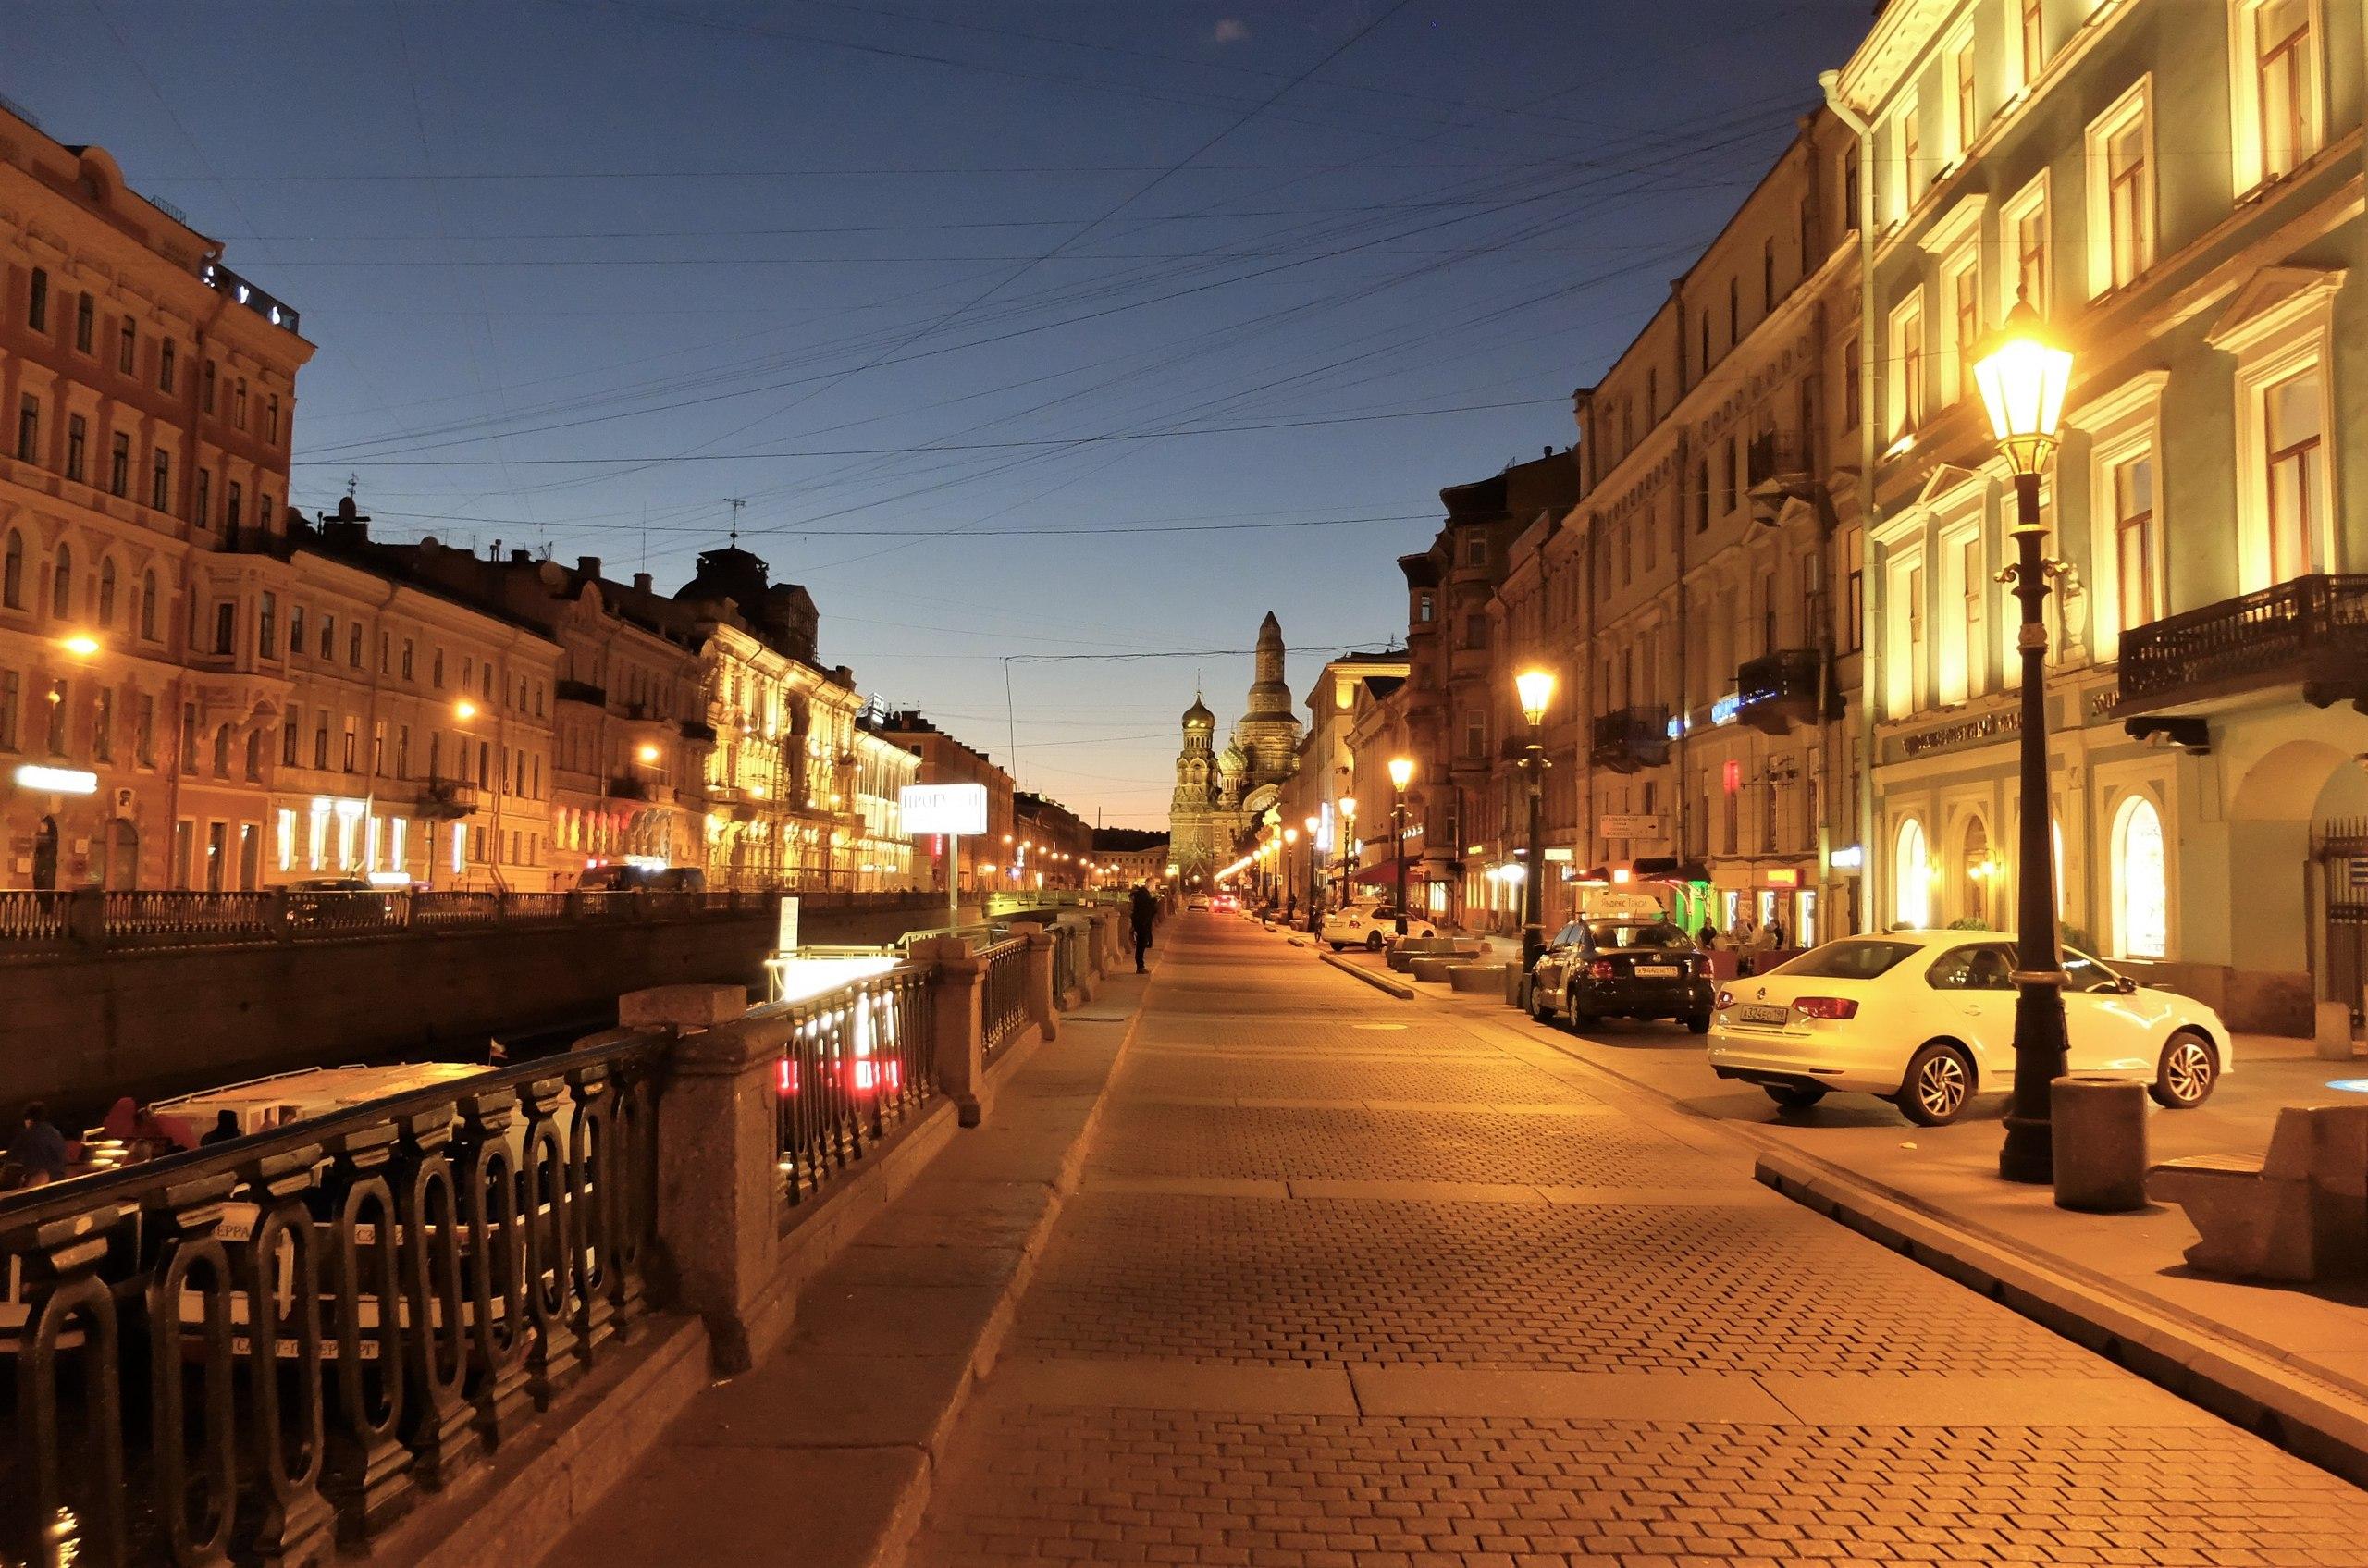 Спб красивые улицы для фотографии